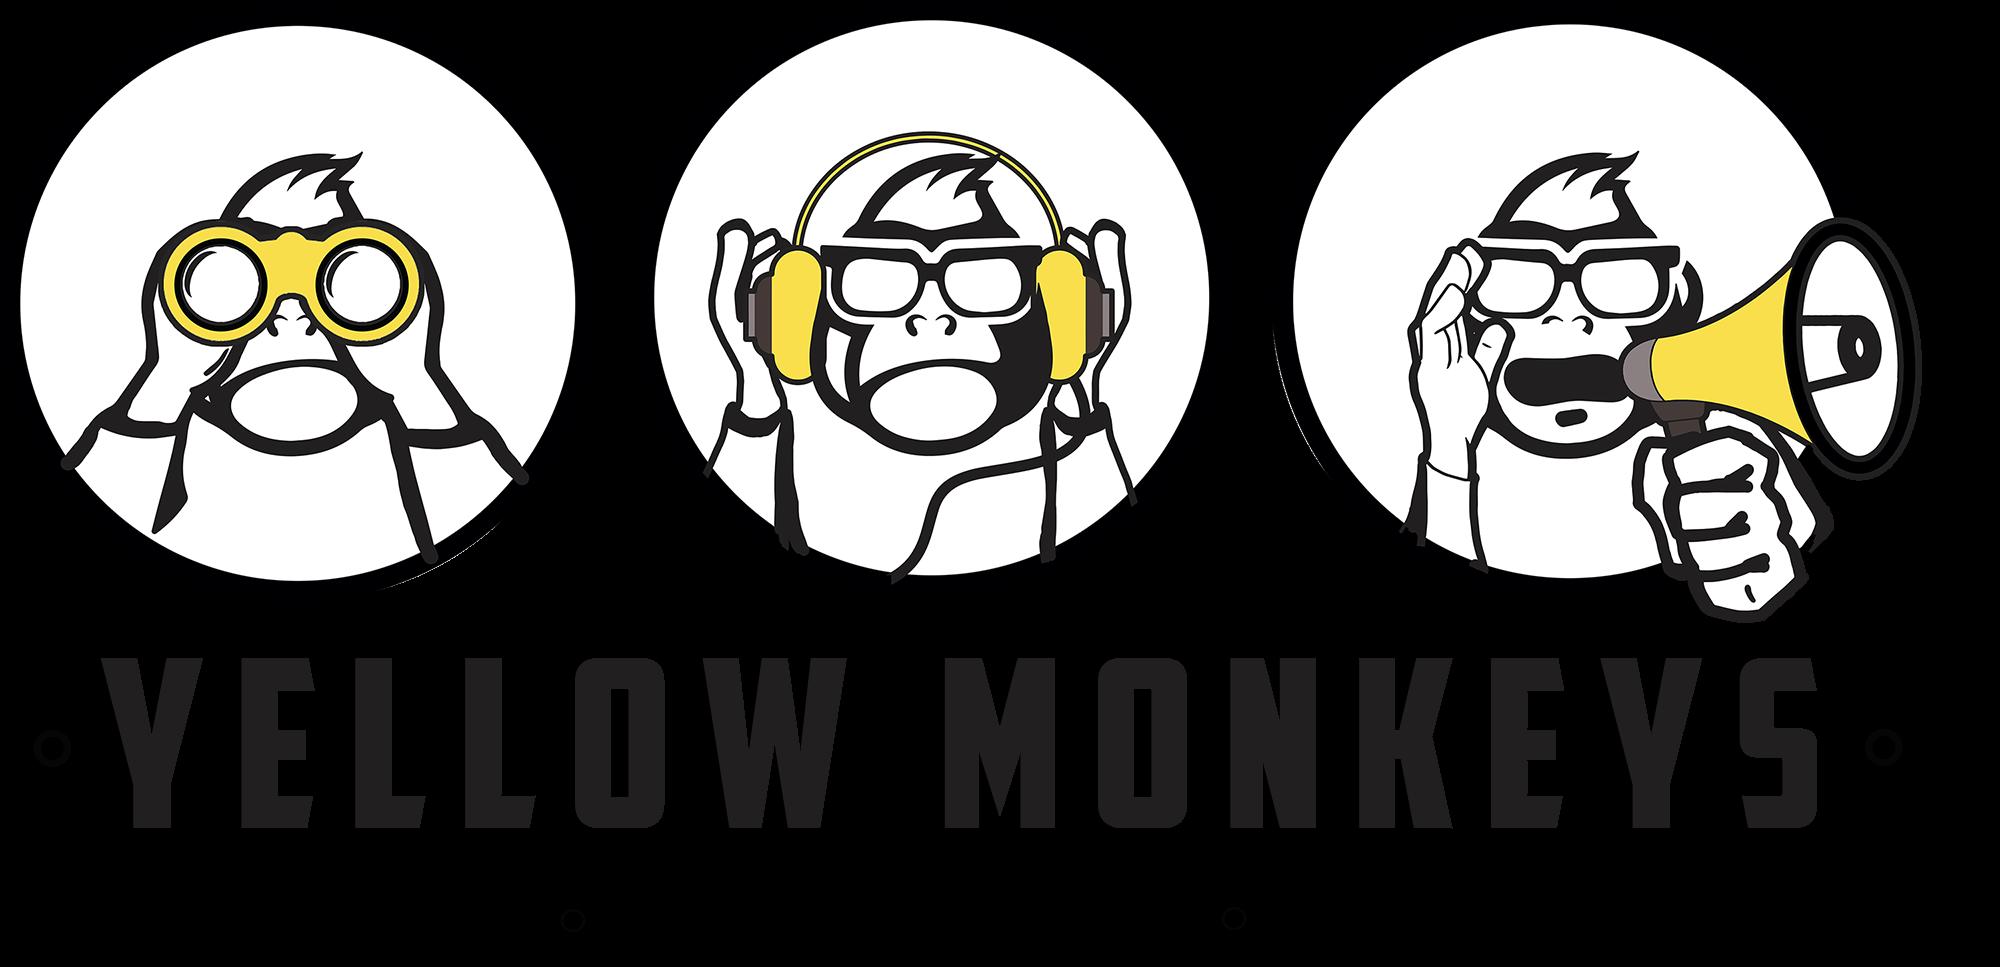 Yellow Monkeys